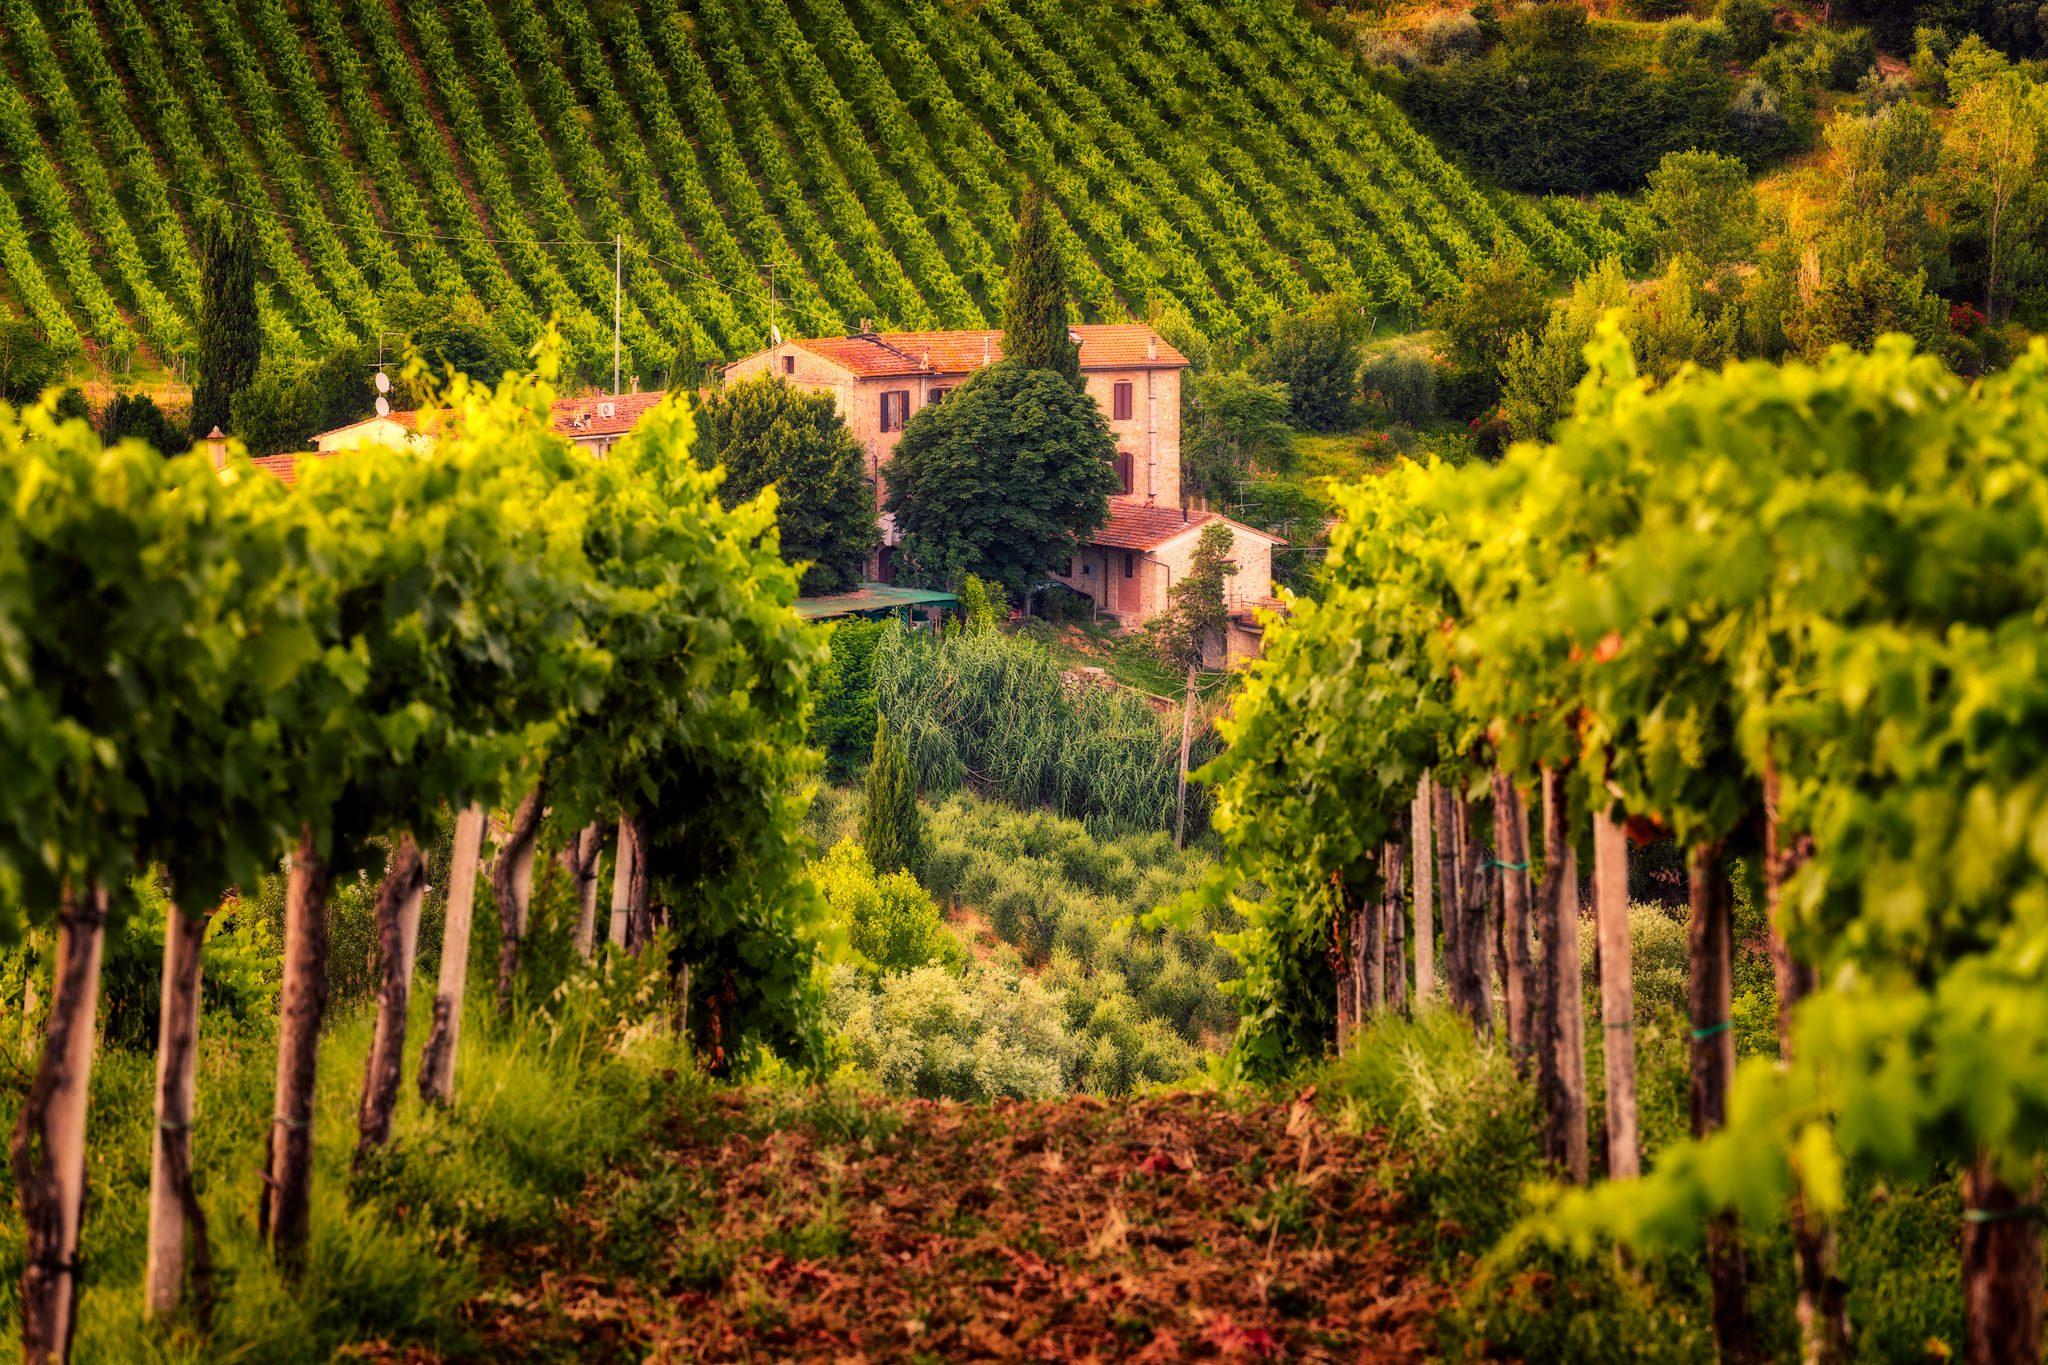 Tuscany's vineyards by a villa, Italy.